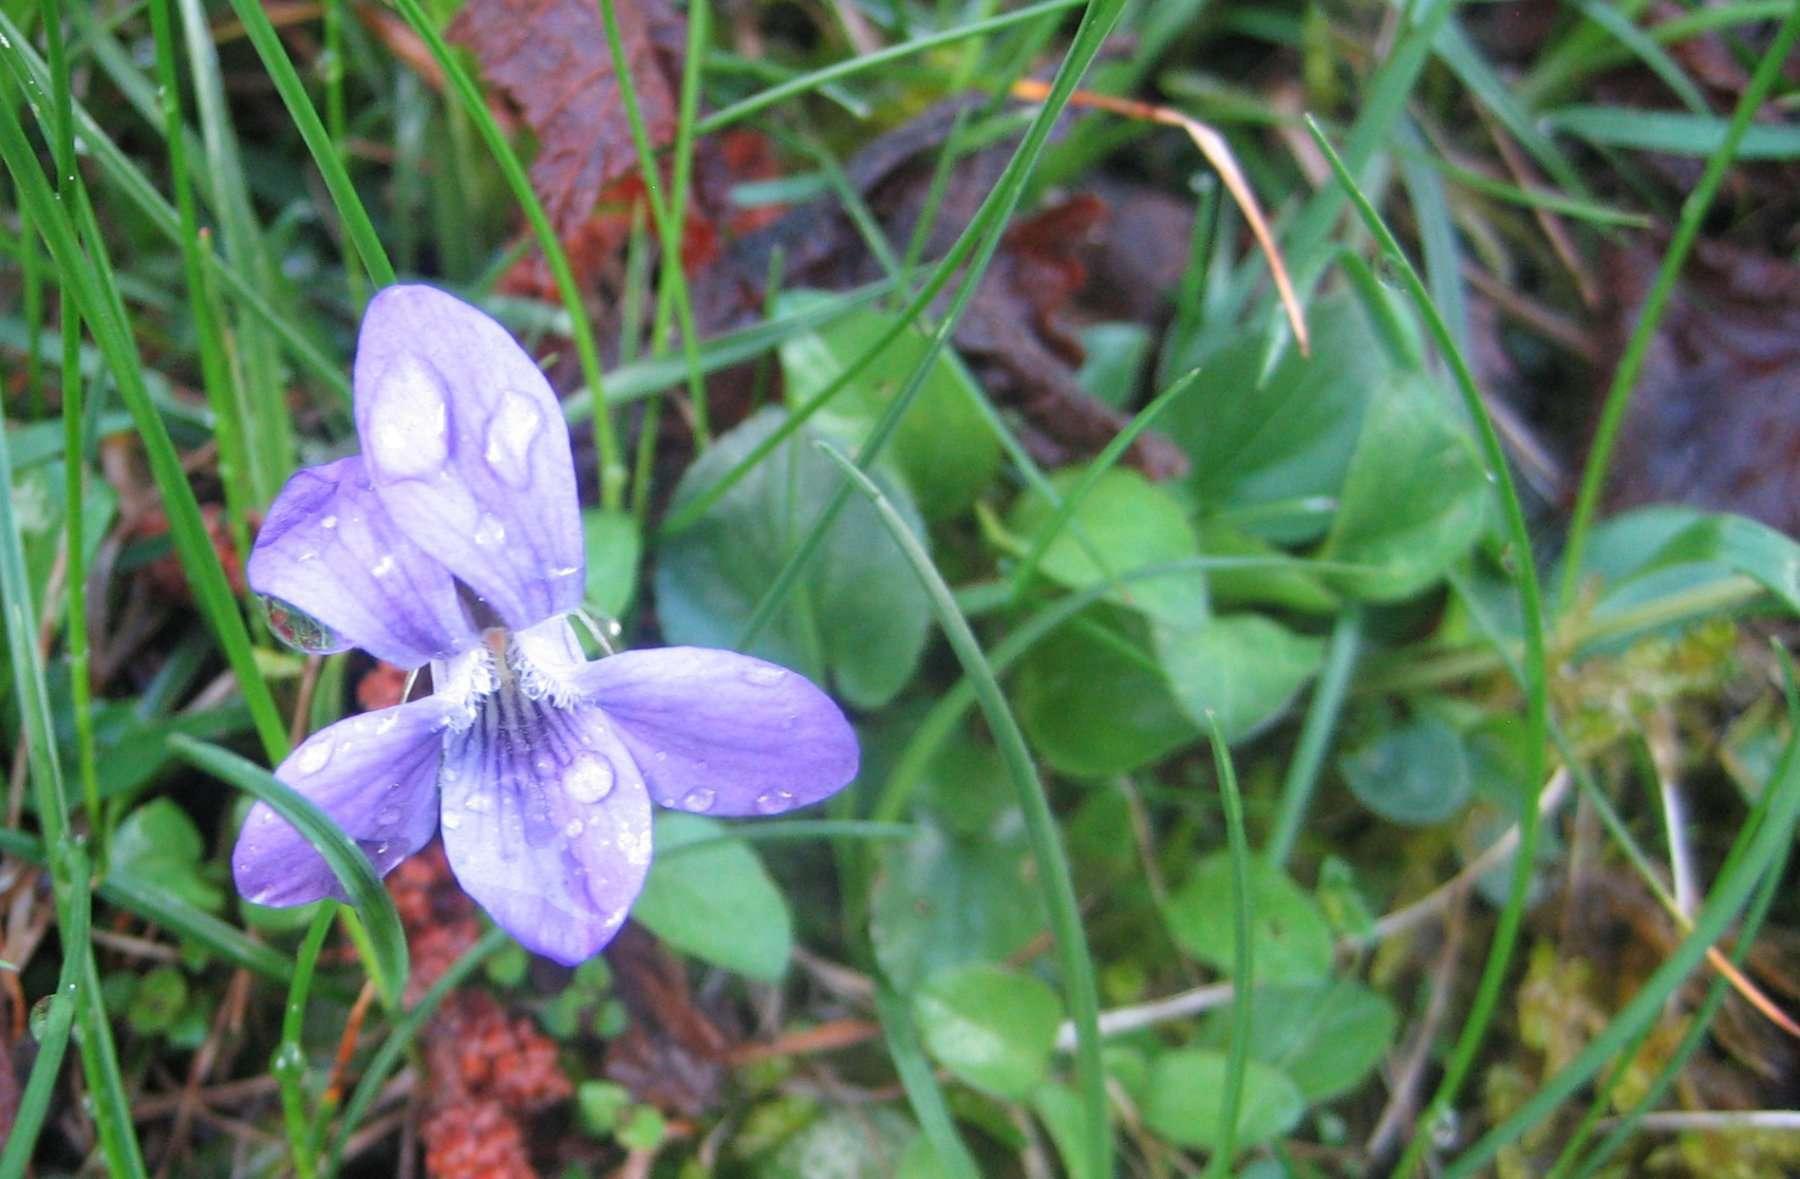 Violette odorante (crédits: Evelyne Liauzun)